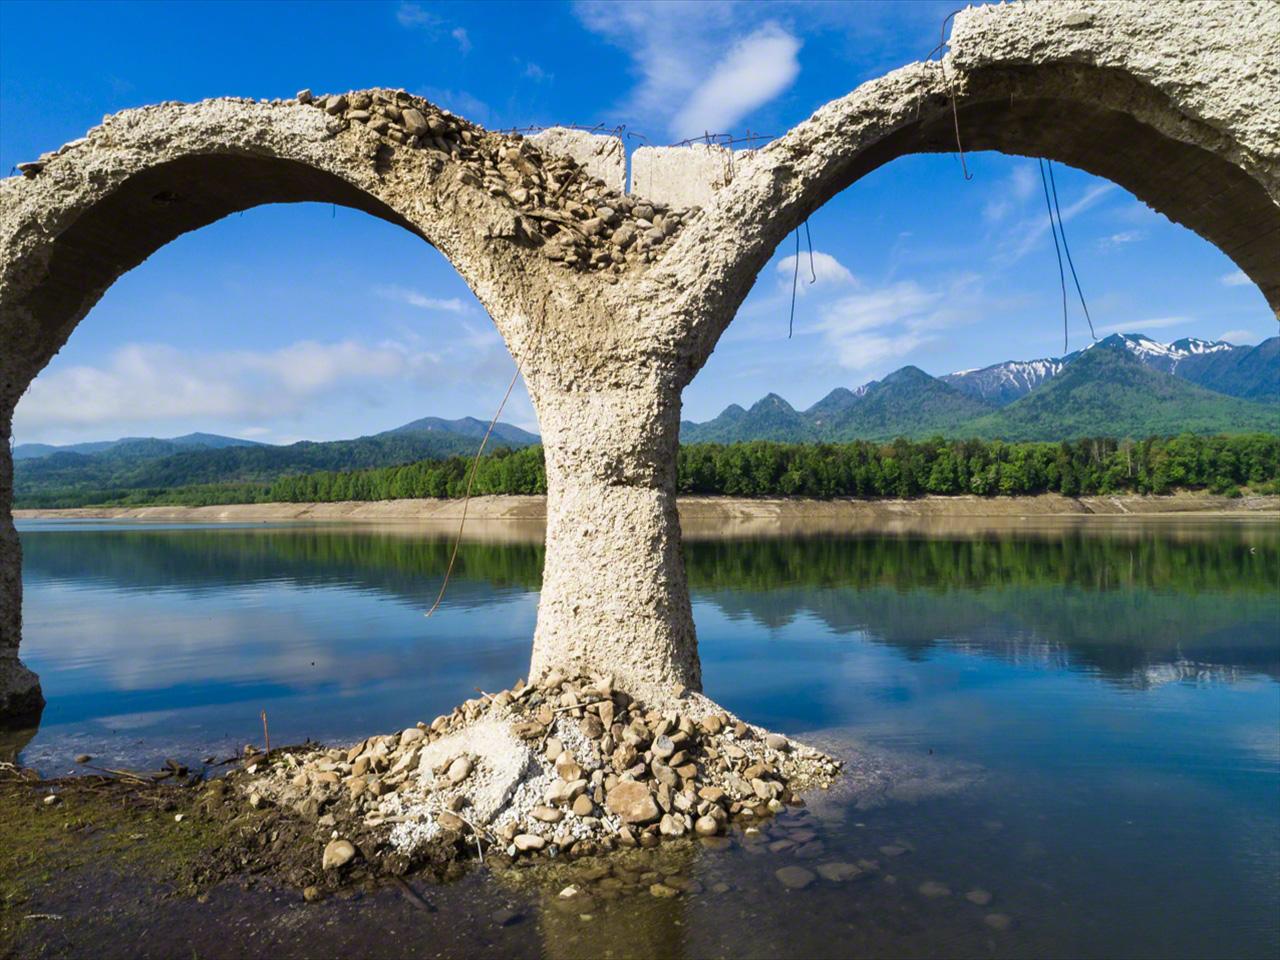 Pada bulan Juni, air mulai menutupi puing-puing di sepanjang bagian jembatan yang runtuh.